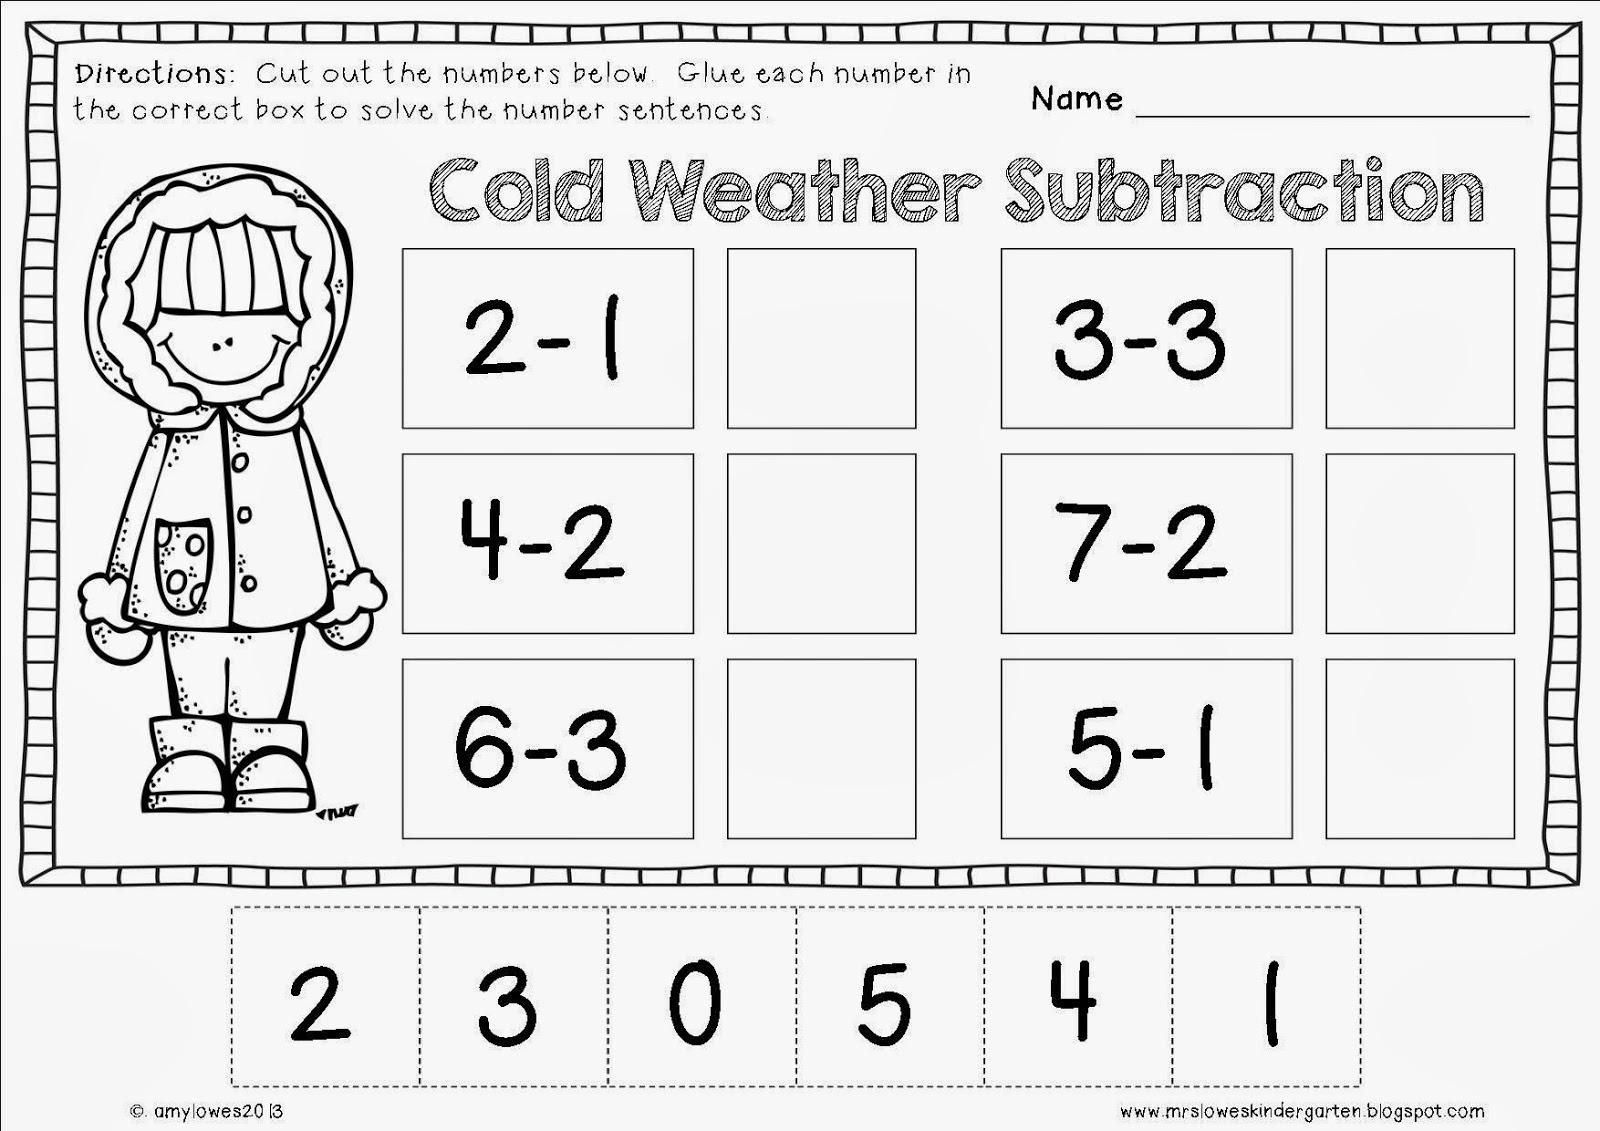 Kindergarten Subtraction Worksheets Up To 5   Printable Worksheets and  Activities for Teachers [ 1131 x 1600 Pixel ]